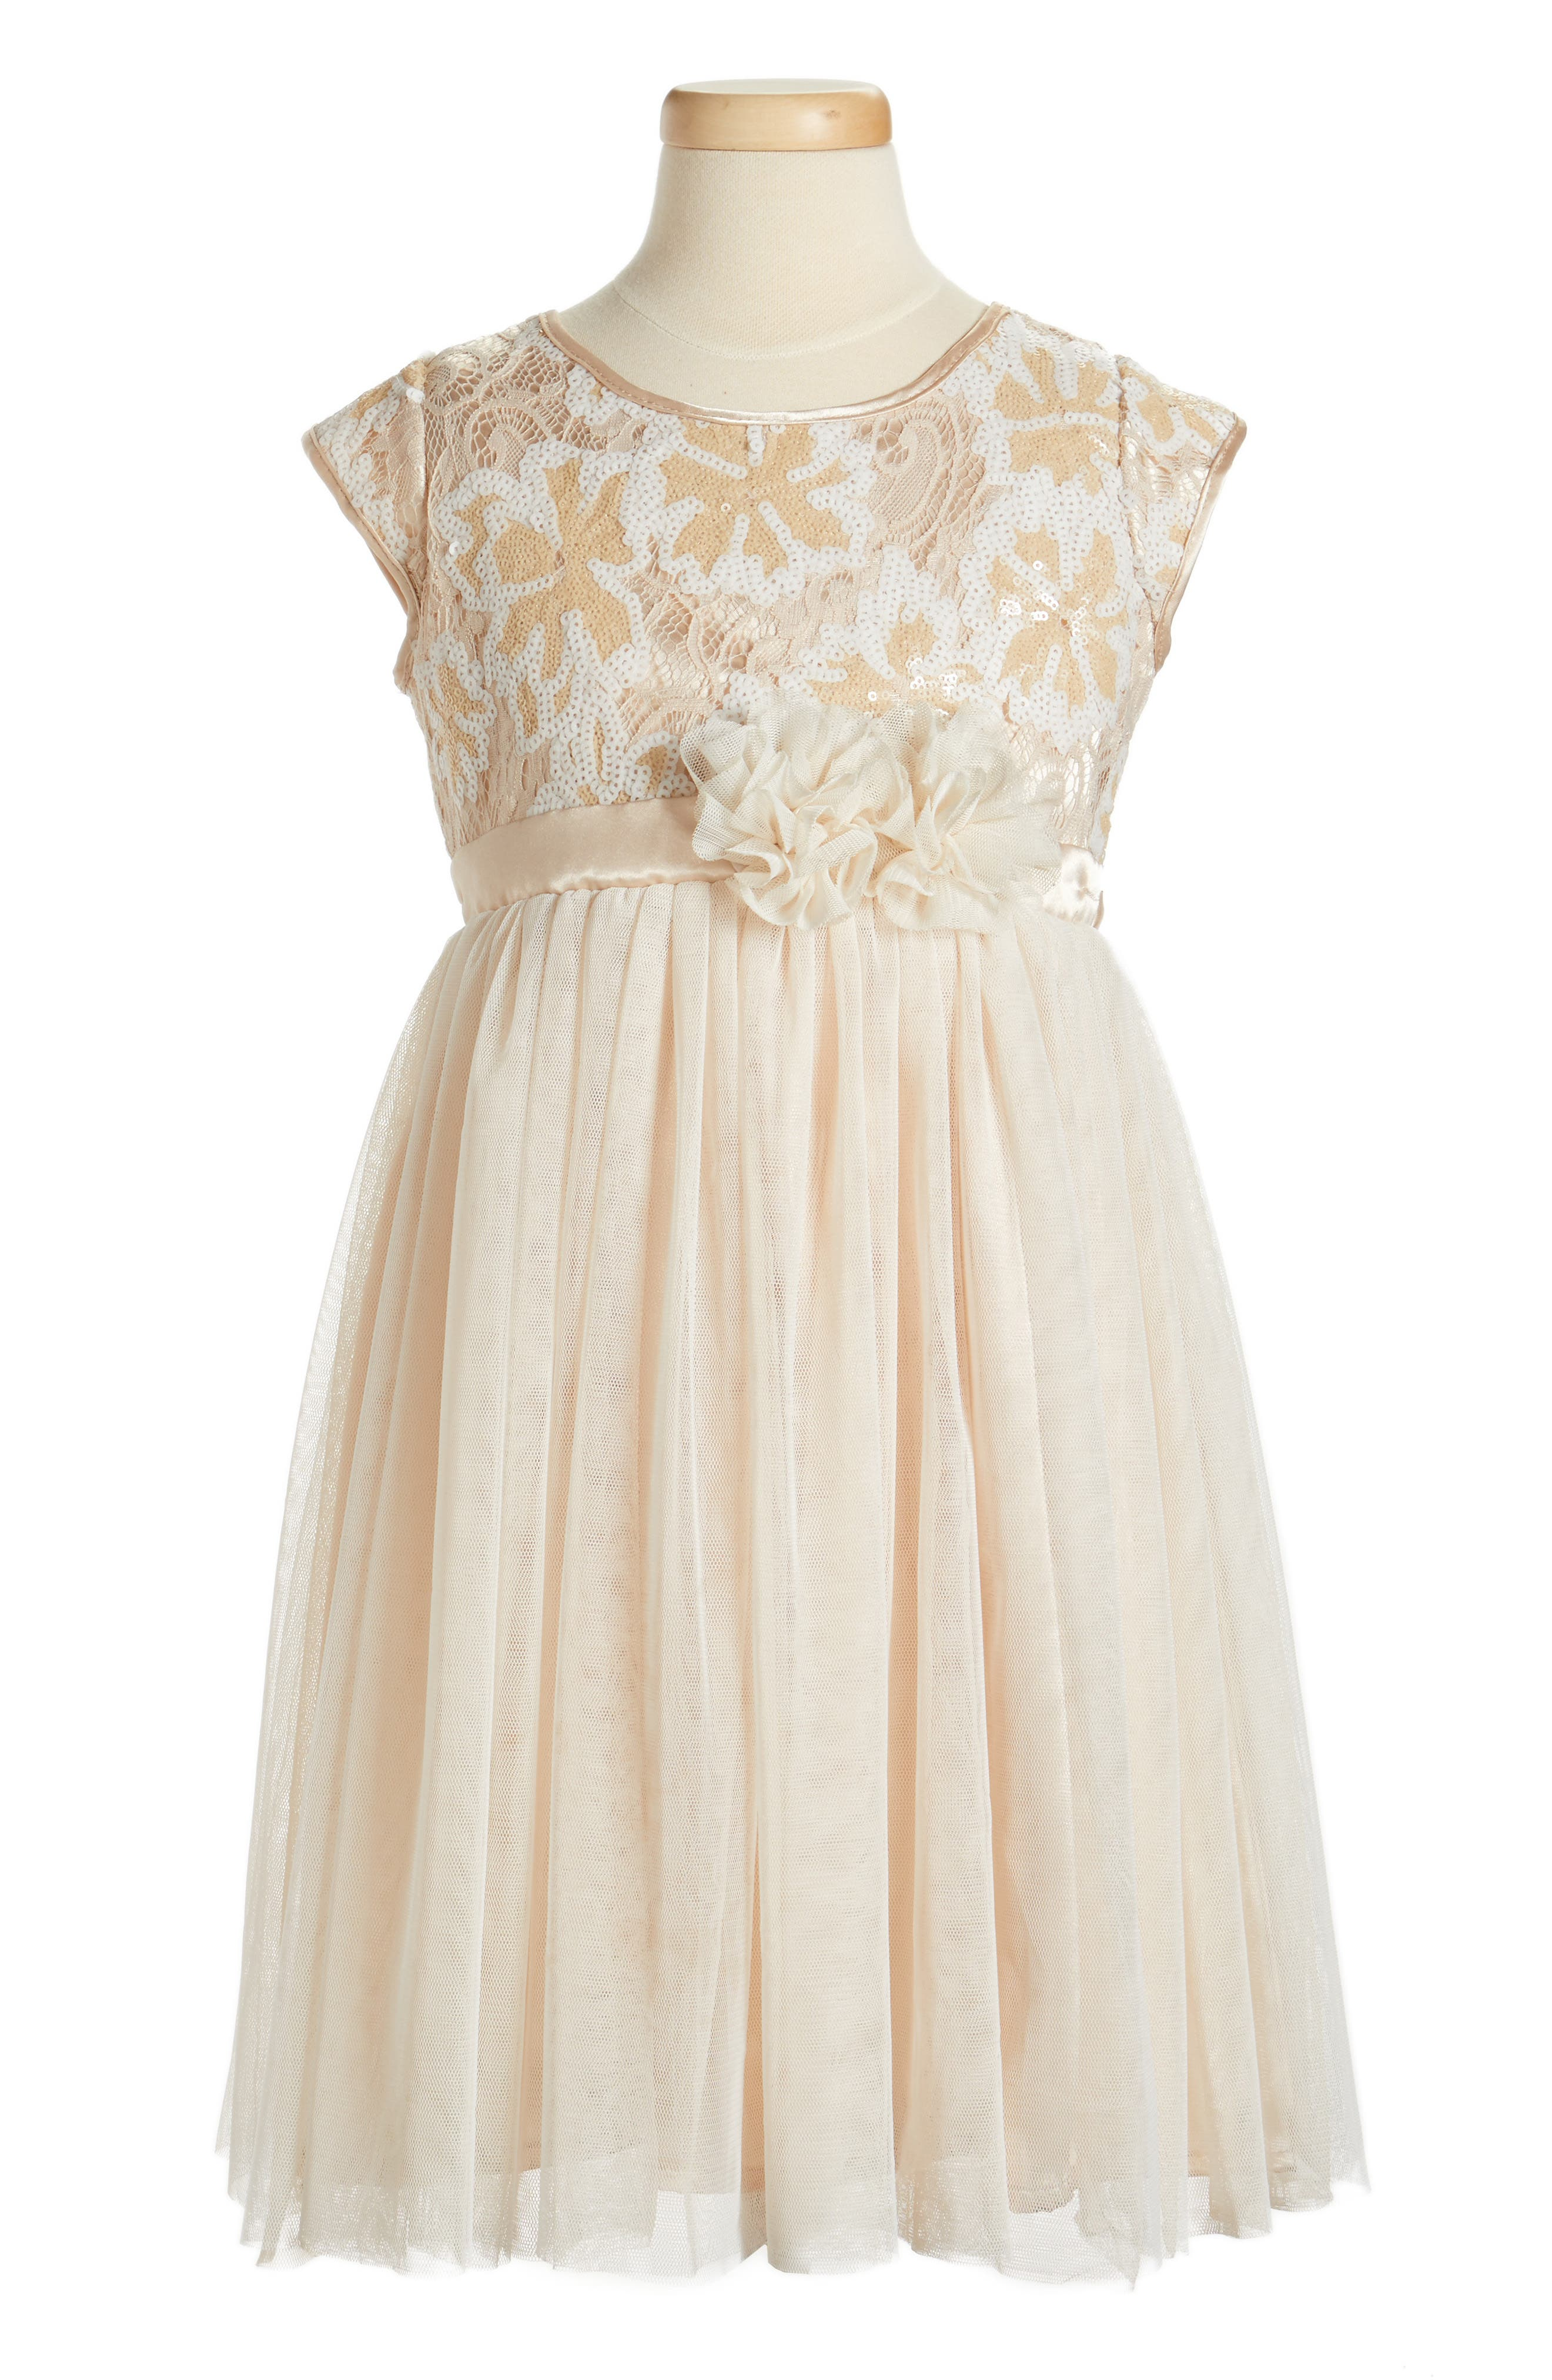 Main Image - Popatu Sequin Flower Dress (Toddler Girls, Little Girls & Big Girls)